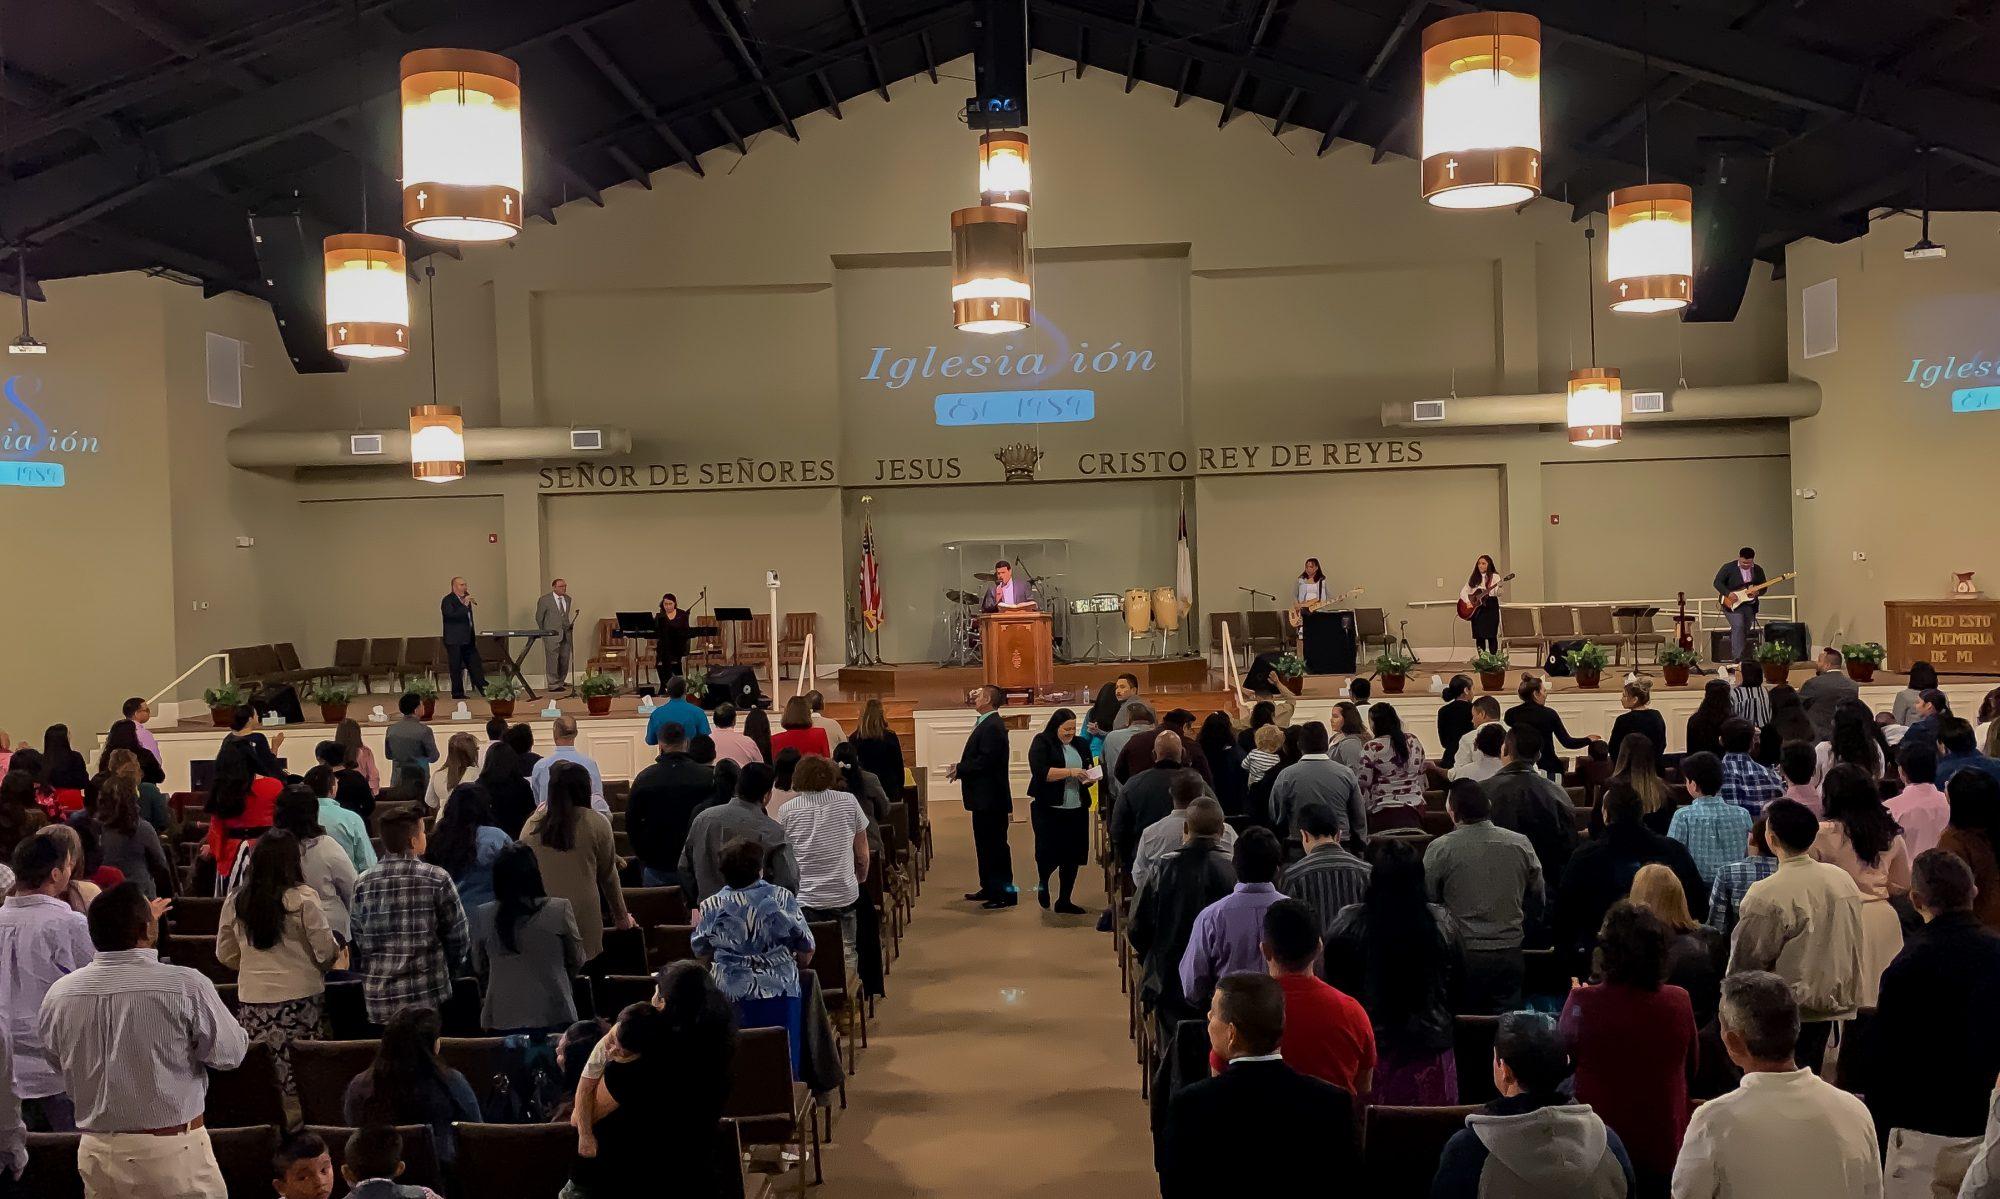 Iglesia Sion, Asambleas de Dios